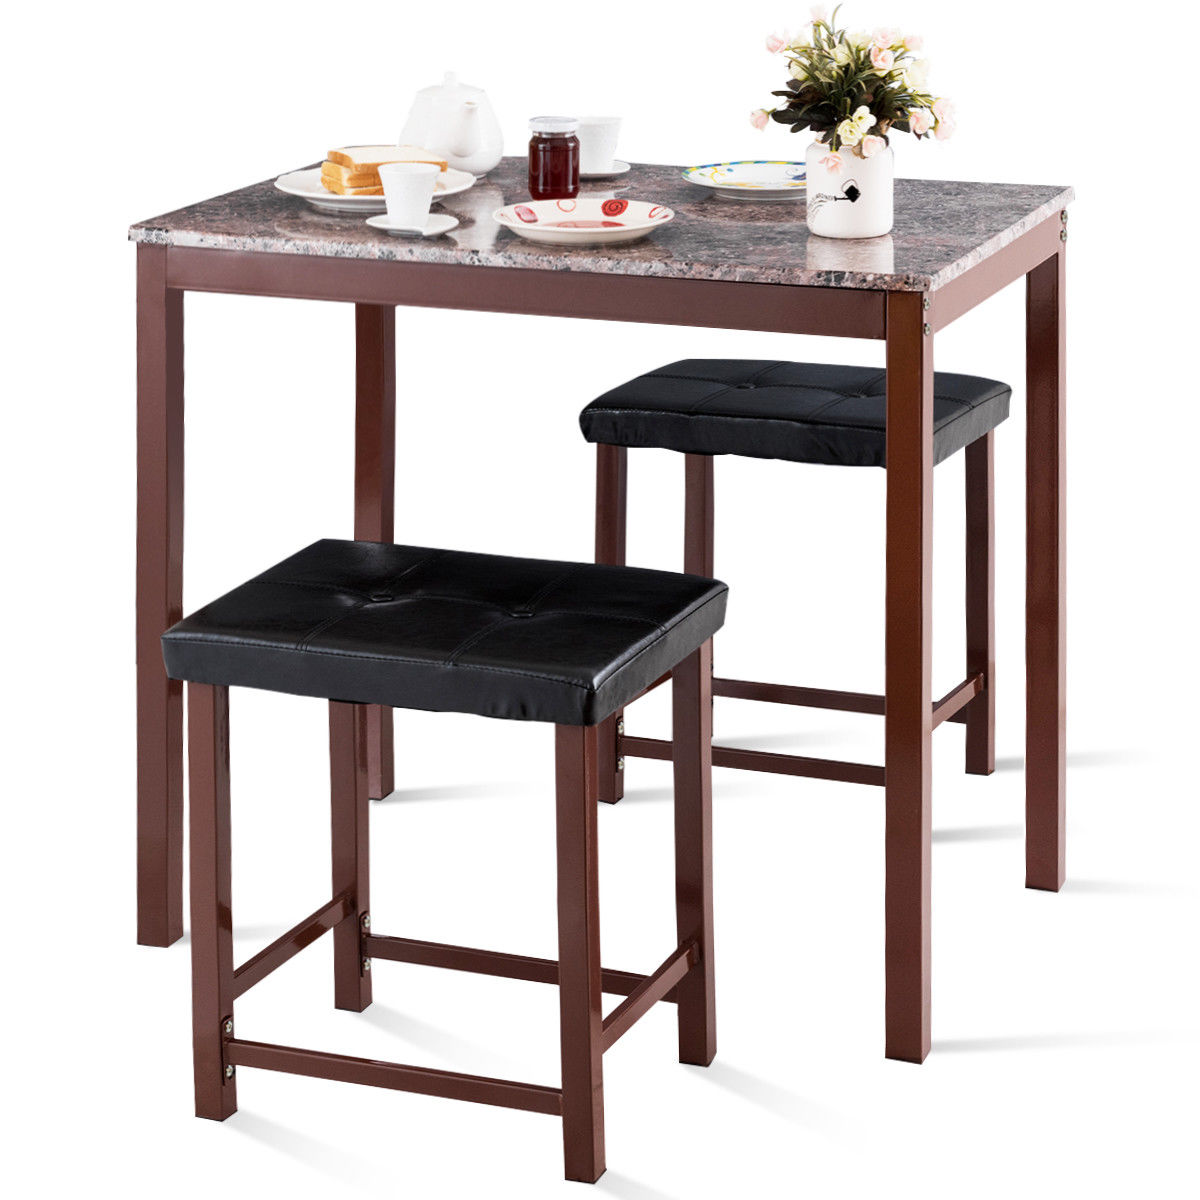 Costway 3 шт счетчик высоты обеденный набор из искусственного мрамора стол 2 стула Кухня Бар Мебель